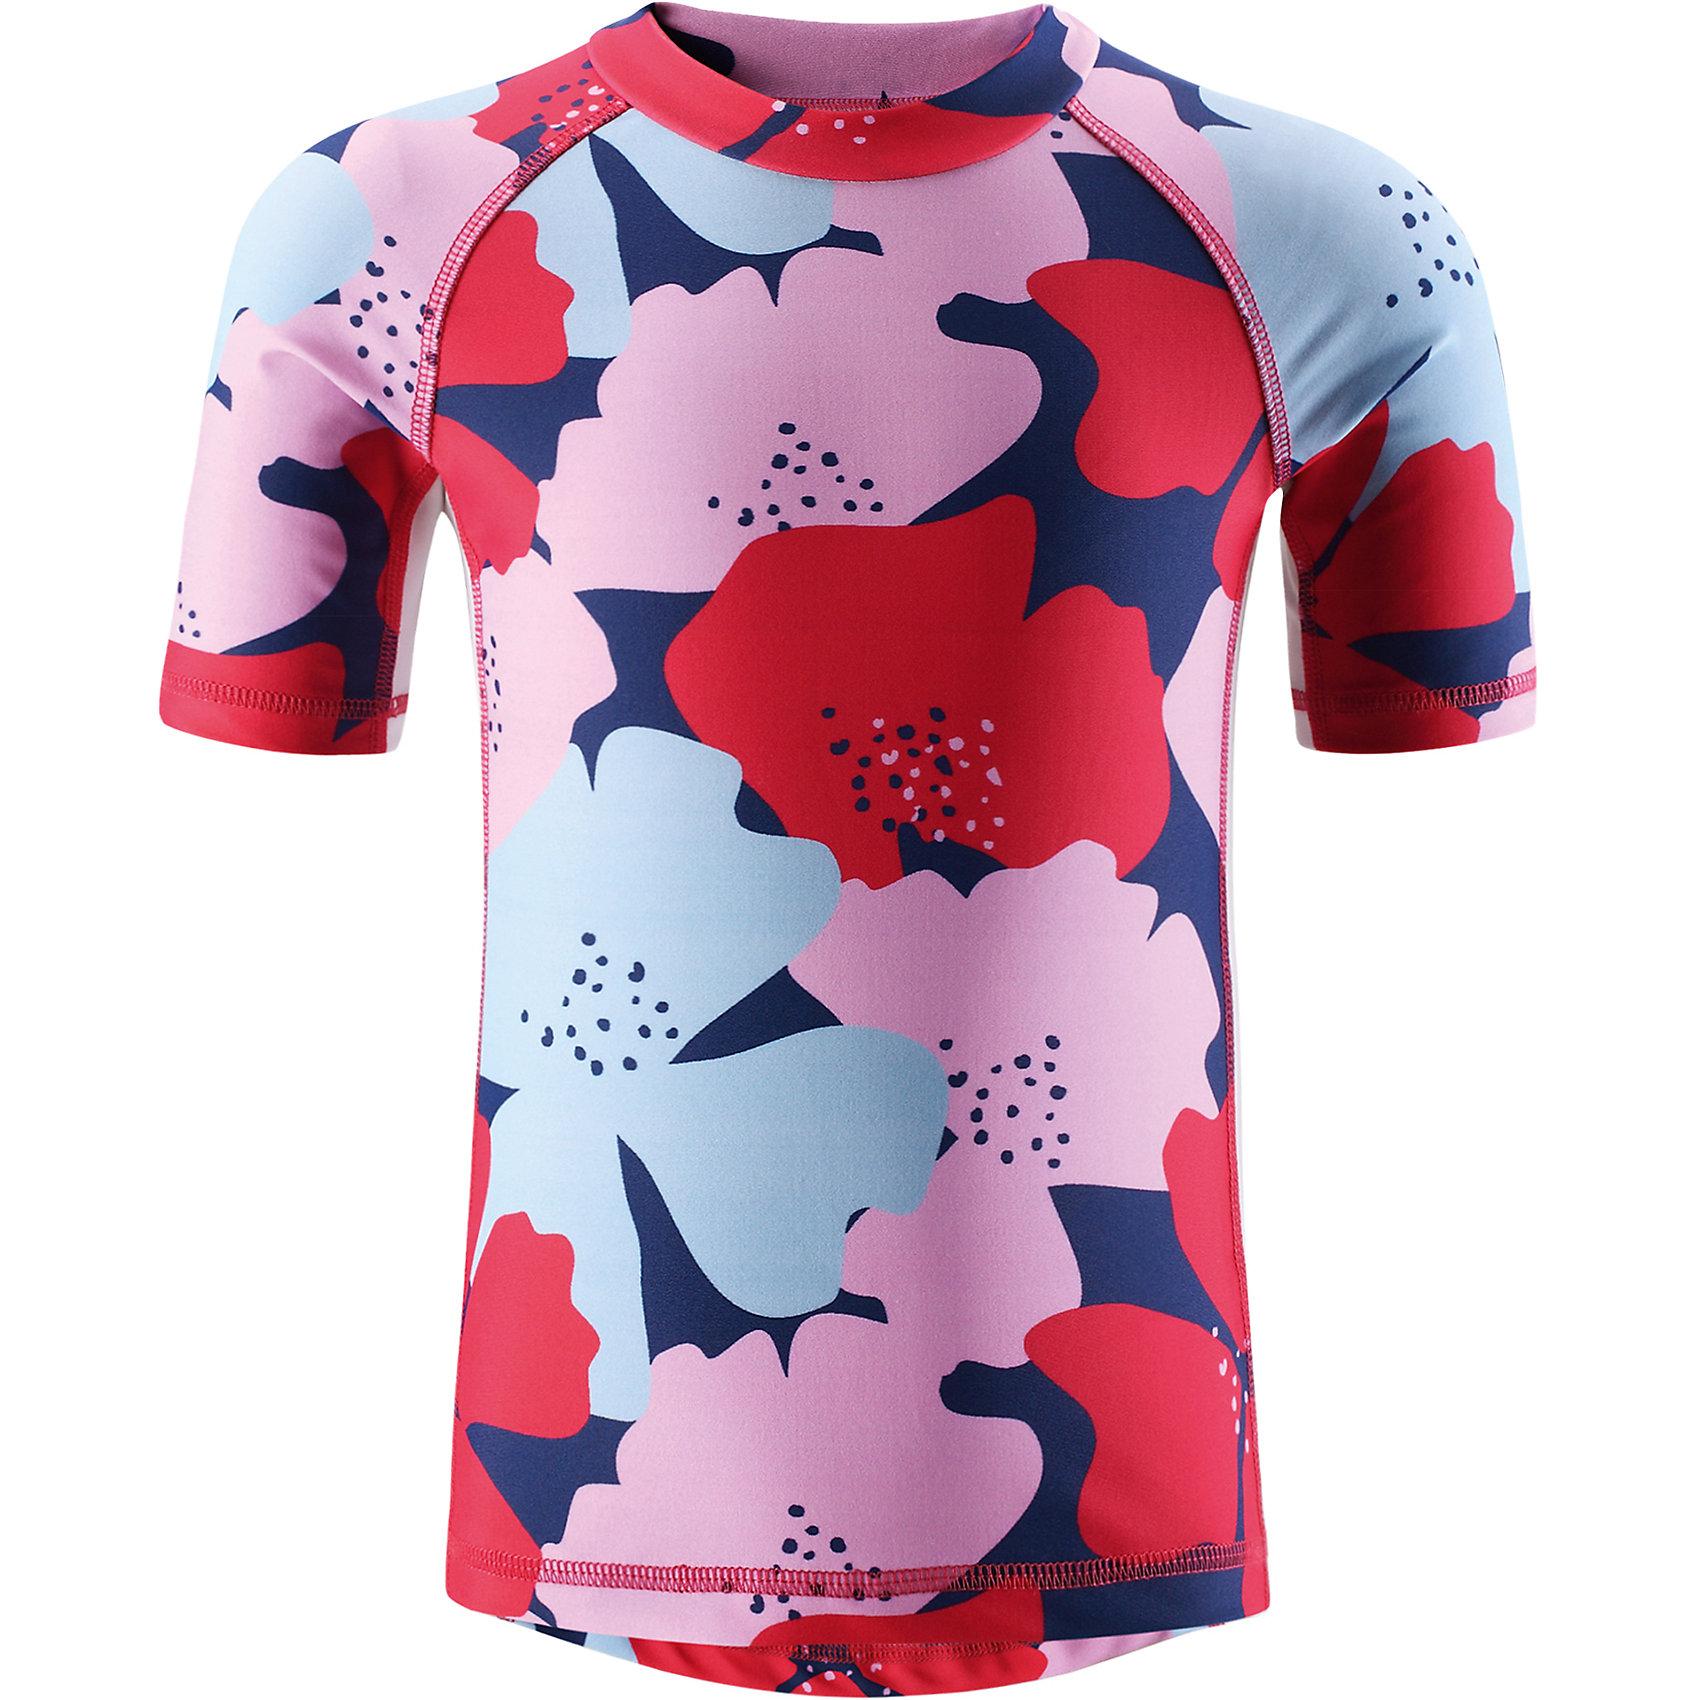 Футболка пляжная Fiji для девочки ReimaКупальники и плавки<br>Характеристики товара:<br><br>• цвет: красно-розовый принт<br>• состав: 80% полиамид, 20% эластан<br>• фактор защиты от ультрафиолета: 50+<br>• удлиненная сзади <br>• рукава до локтя<br>• декорирована принтом<br>• комфортная посадка<br>• страна производства: Китай<br>• страна бренда: Финляндия<br>• коллекция: весна-лето 2017<br><br>Одежда для лета и пляжного отдыха может быть модной и комфортной одновременно! Удобная симпатичная футболка SunProof поможет обеспечить ребенку комфорт - она не стесняет движения и обеспечивает защиту от ультрафиолета. Модель стильно смотрится, отлично сочетается с различными головными уборами и обувью. Стильный дизайн разрабатывался специально для детей.<br><br>Одежда и обувь от финского бренда Reima пользуется популярностью во многих странах. Эти изделия стильные, качественные и удобные. Для производства продукции используются только безопасные, проверенные материалы и фурнитура. Порадуйте ребенка модными и красивыми вещами от Reima! <br><br>Футболку SunProof для мальчика от финского бренда Reima (Рейма) можно купить в нашем интернет-магазине.<br><br>Ширина мм: 183<br>Глубина мм: 60<br>Высота мм: 135<br>Вес г: 119<br>Цвет: розовый<br>Возраст от месяцев: 84<br>Возраст до месяцев: 96<br>Пол: Женский<br>Возраст: Детский<br>Размер: 128,140,104,110,116,134,122<br>SKU: 5266650